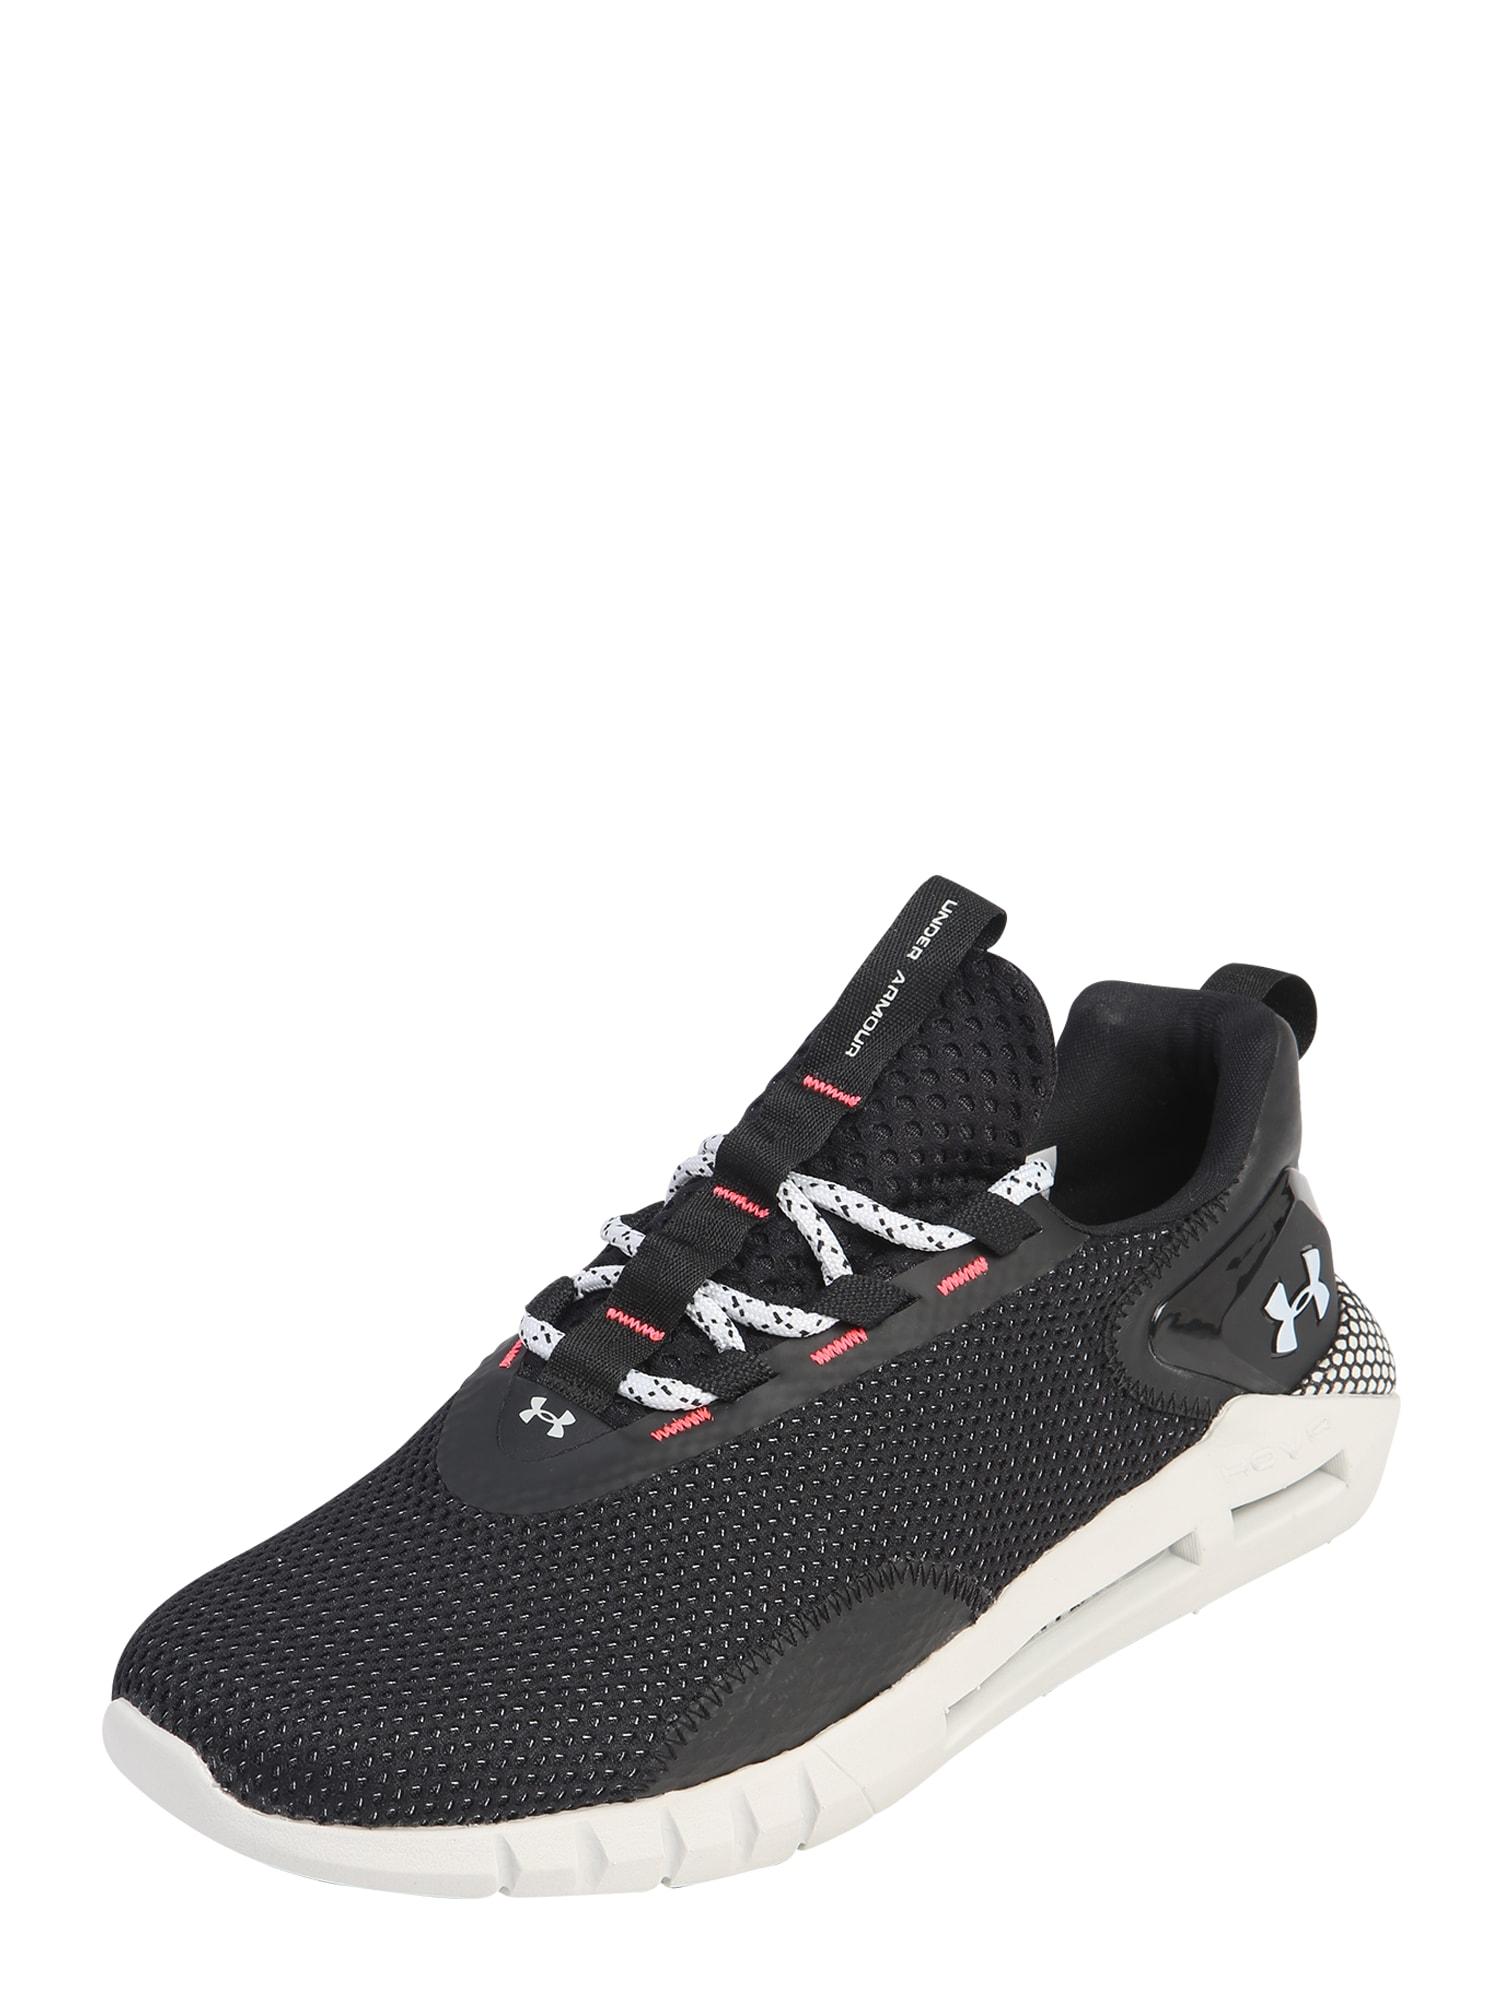 UNDER ARMOUR Bėgimo batai 'UA HOVR STRT' juoda / balta / tamsiai pilka